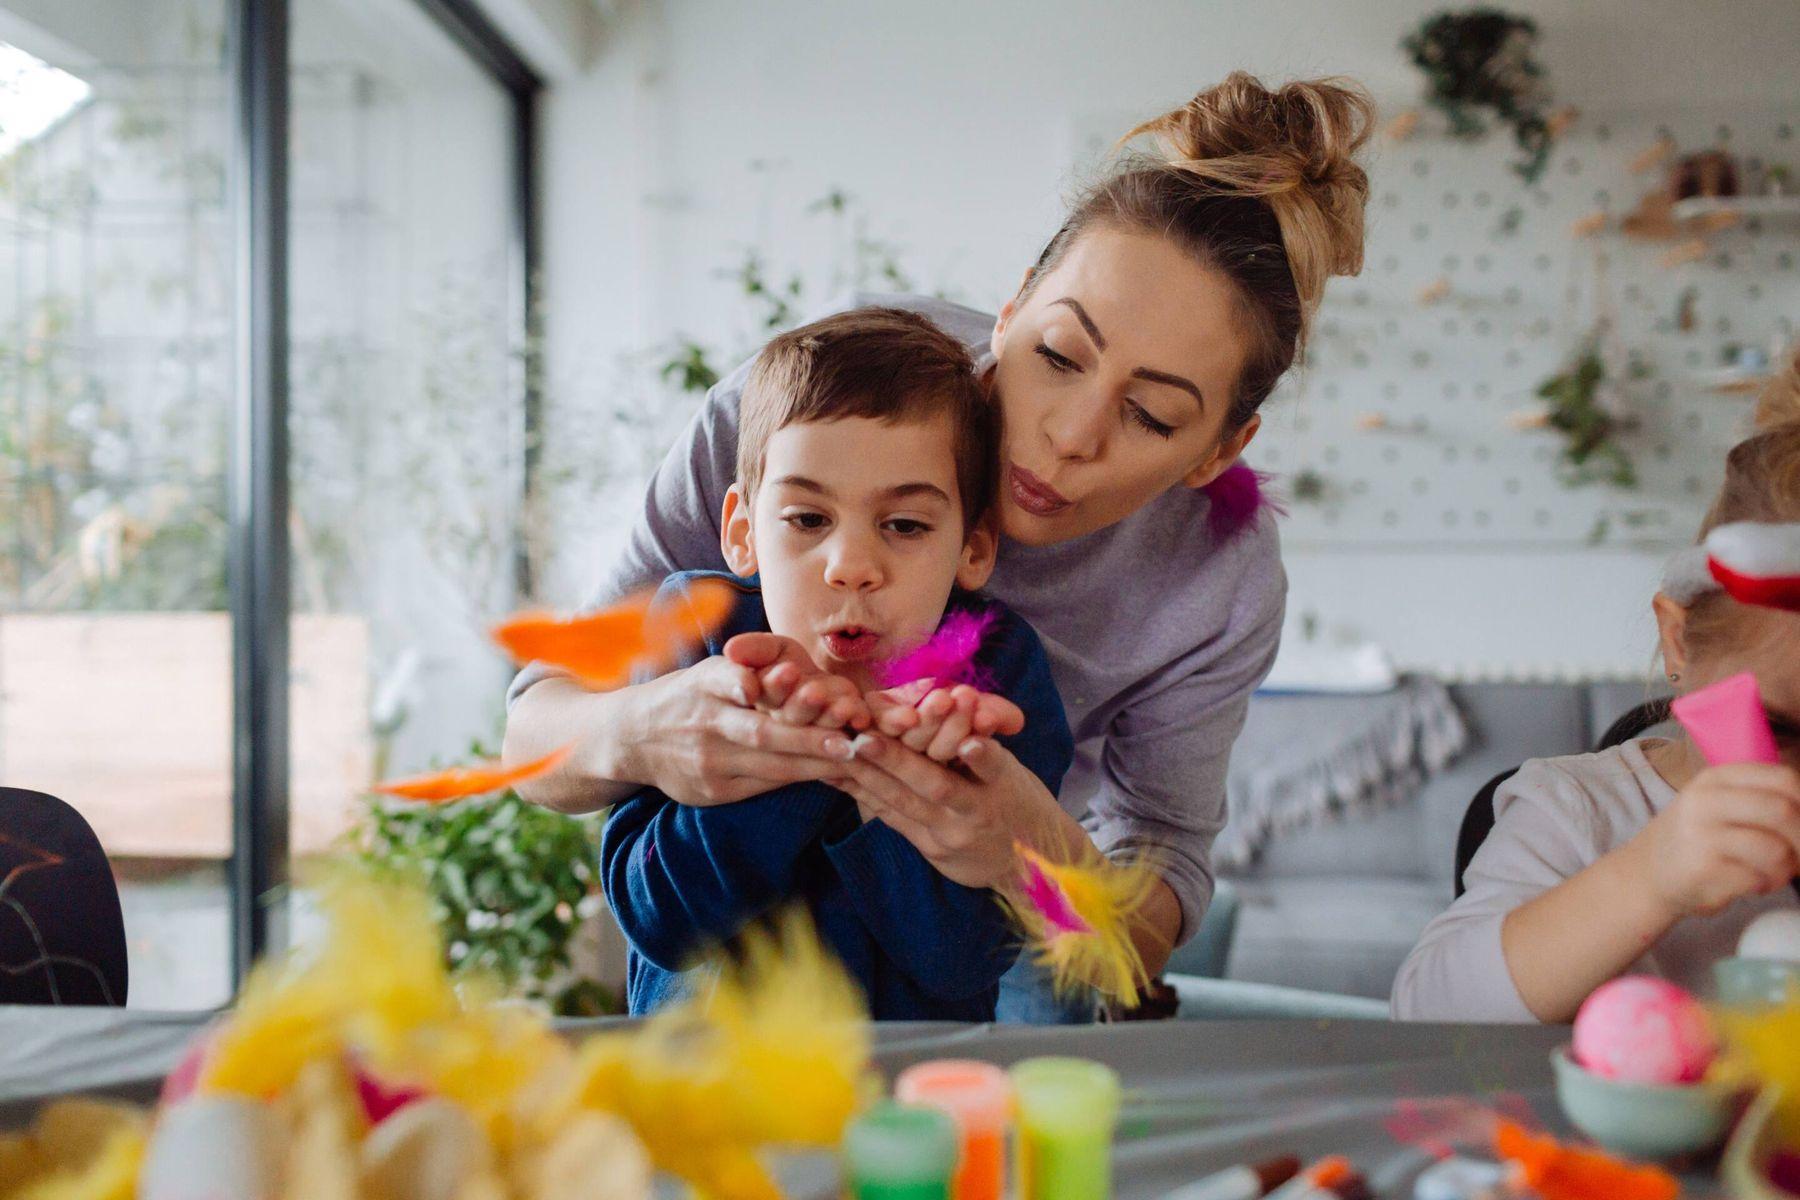 5 Trò chơi trẻ em ba mẹ có thể chơi cùng với bé khi ở nhà